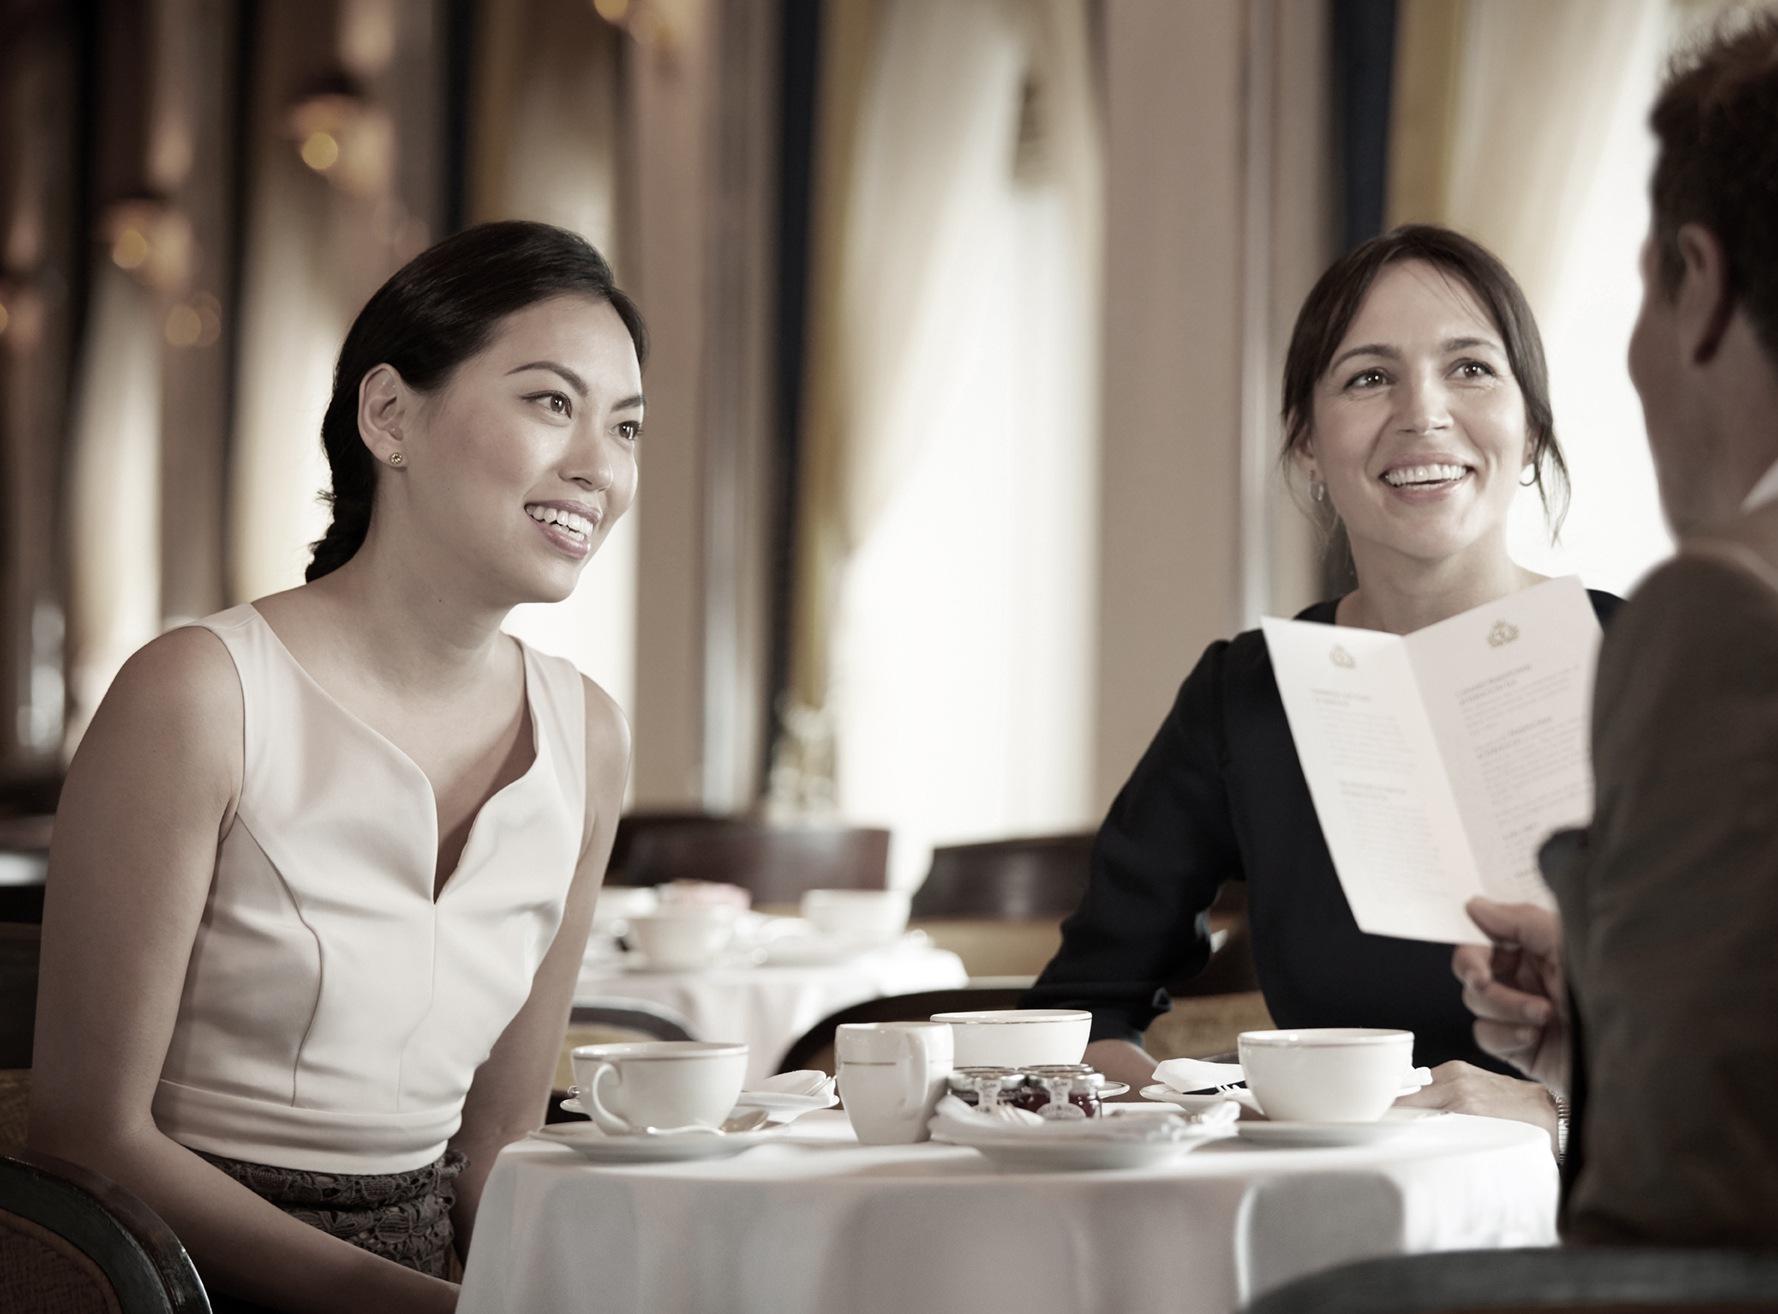 Gleiche Rechte: Bei Cunard Line ist jeder Gast willkommen und es werde sogar exklusive Veranstaltungen für LGBTQs angeboten.